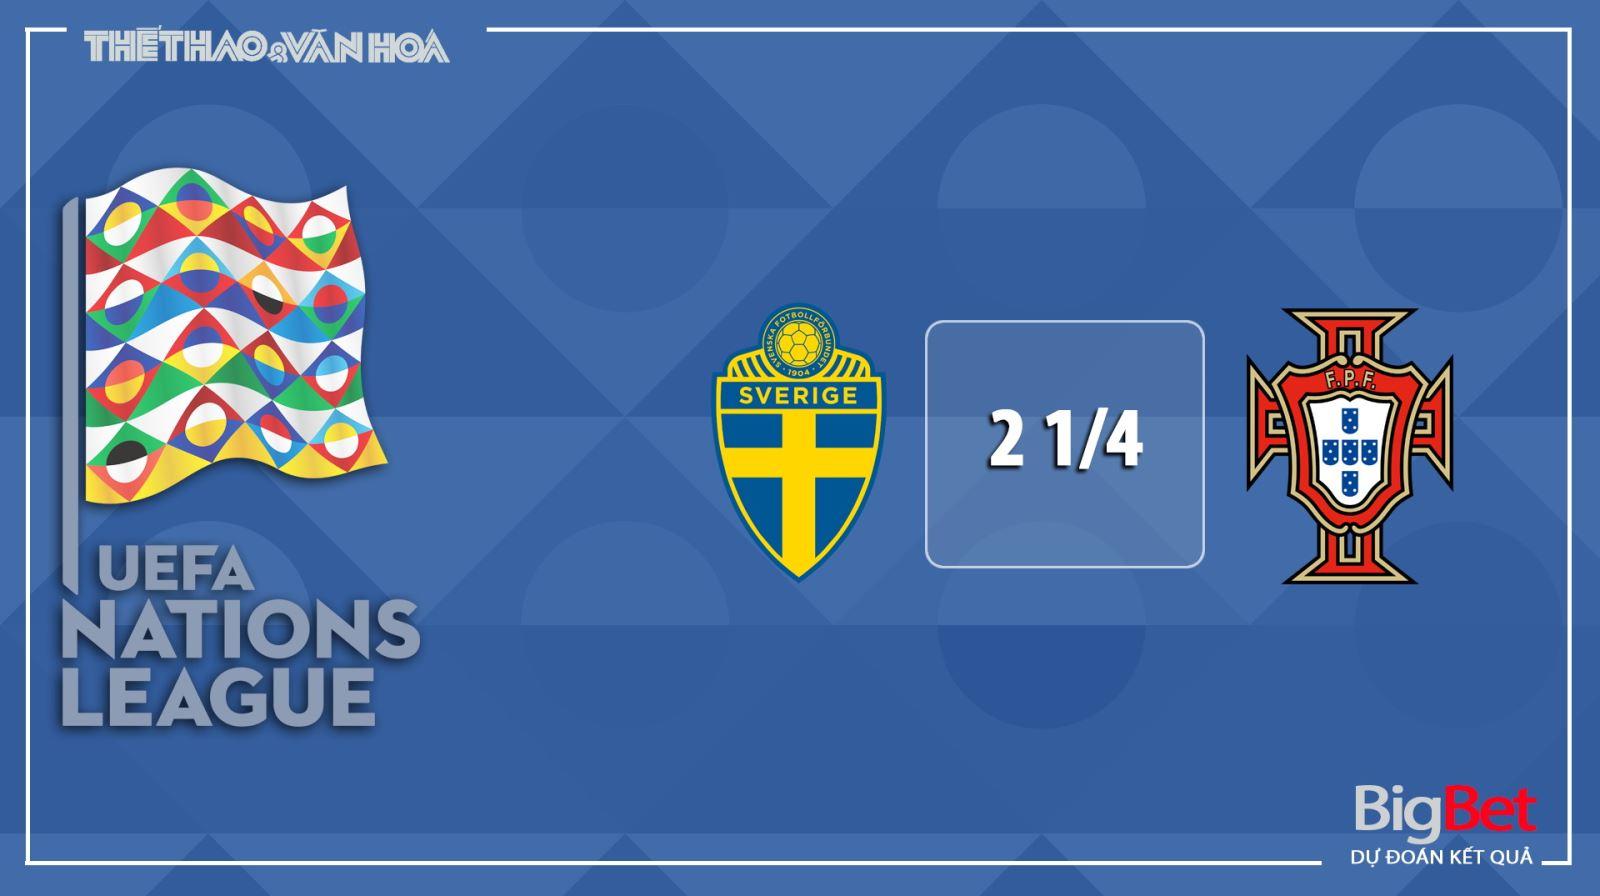 Thụy Điển vsBồ Đào Nha, Thuỵ Điển, Bồ Đào Nha, soi kèo bóng đá, soi kèo Thụy Điển vsBồ Đào Nha, kèo bóng đá, trực tiếp bóng đá